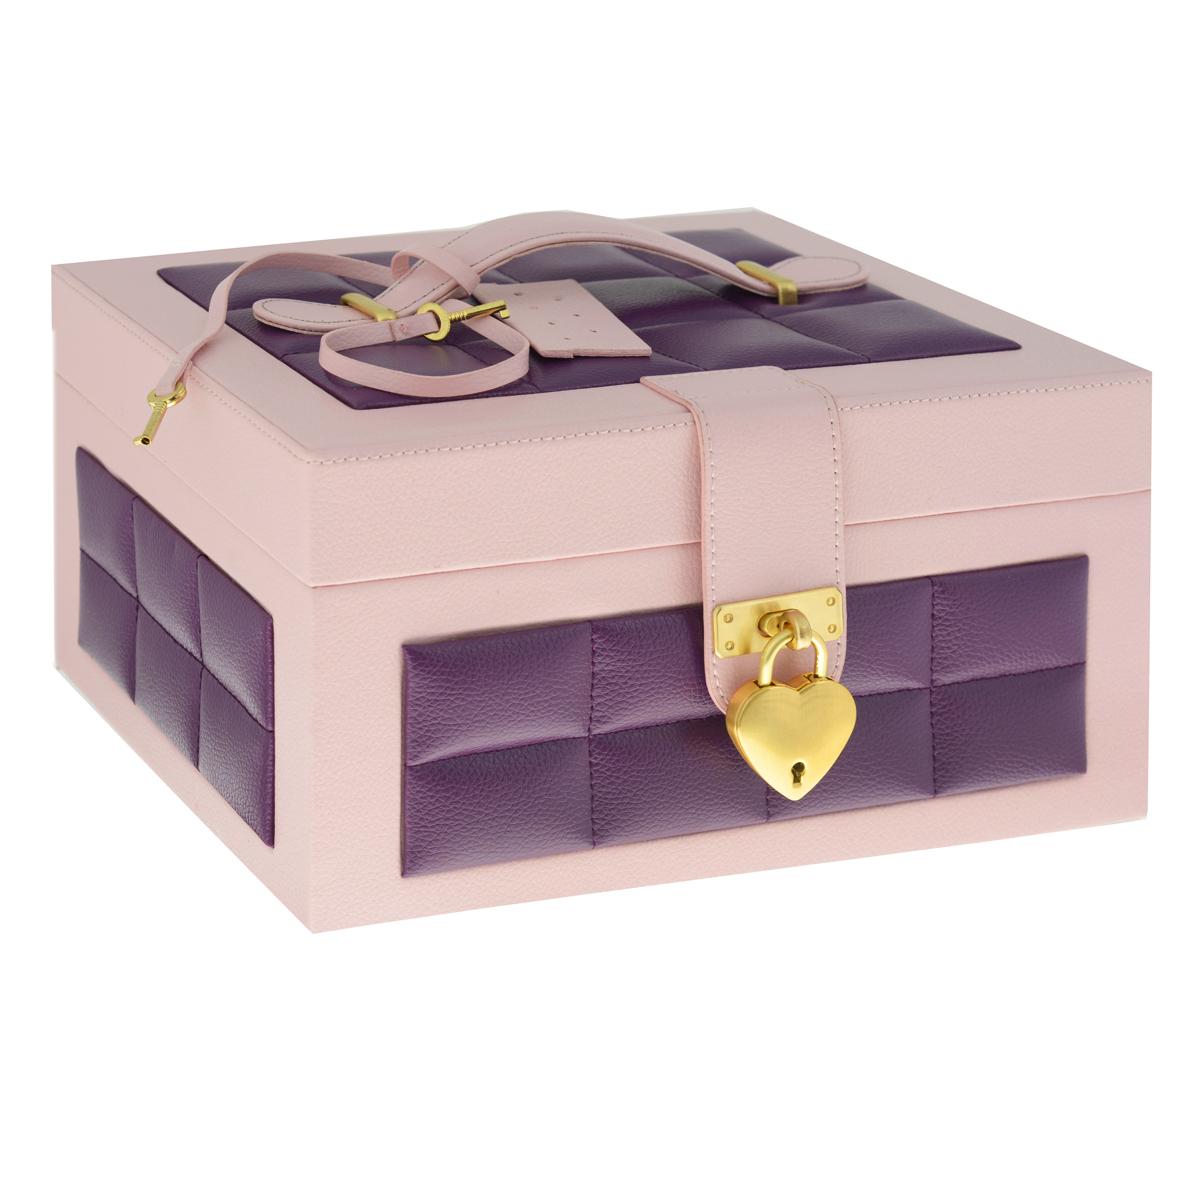 Шкатулка для украшений, цвет: розовый, фиолетовыйJB-01911Шкатулка для украшений выполнена в виде сундучка из искусственной кожи. Внутренняя поверхность шкатулки отделана бархатом. На внутренней стороне крышки имеется зеркальце и карман на резинке. Шкатулка закрывается на ремешок и замочек, выполненный в форме сердца, в комплекте - два ключа. Крышка оснащена ручкой для удобной переноски изделия. Шкатулка имеет два отделения: съемное верхнее и нижнее. Верхнее отделение содержит шесть небольших секций для цепочек и браслетов, а также две больших секции (одна из которых оснащена крышкой) для более крупных украшений. Валики используются под кольца и серьги. Большое нижнее отделение не содержит никаких перегородок и предназначено для хранения аксессуаров больших размеров. Великолепная шкатулка не оставит равнодушной ни одну любительницу изысканных вещей. Сочетание оригинального дизайна и функциональности сделает такую шкатулку практичным и стильным подарком и предметом гордости ее обладательницы.